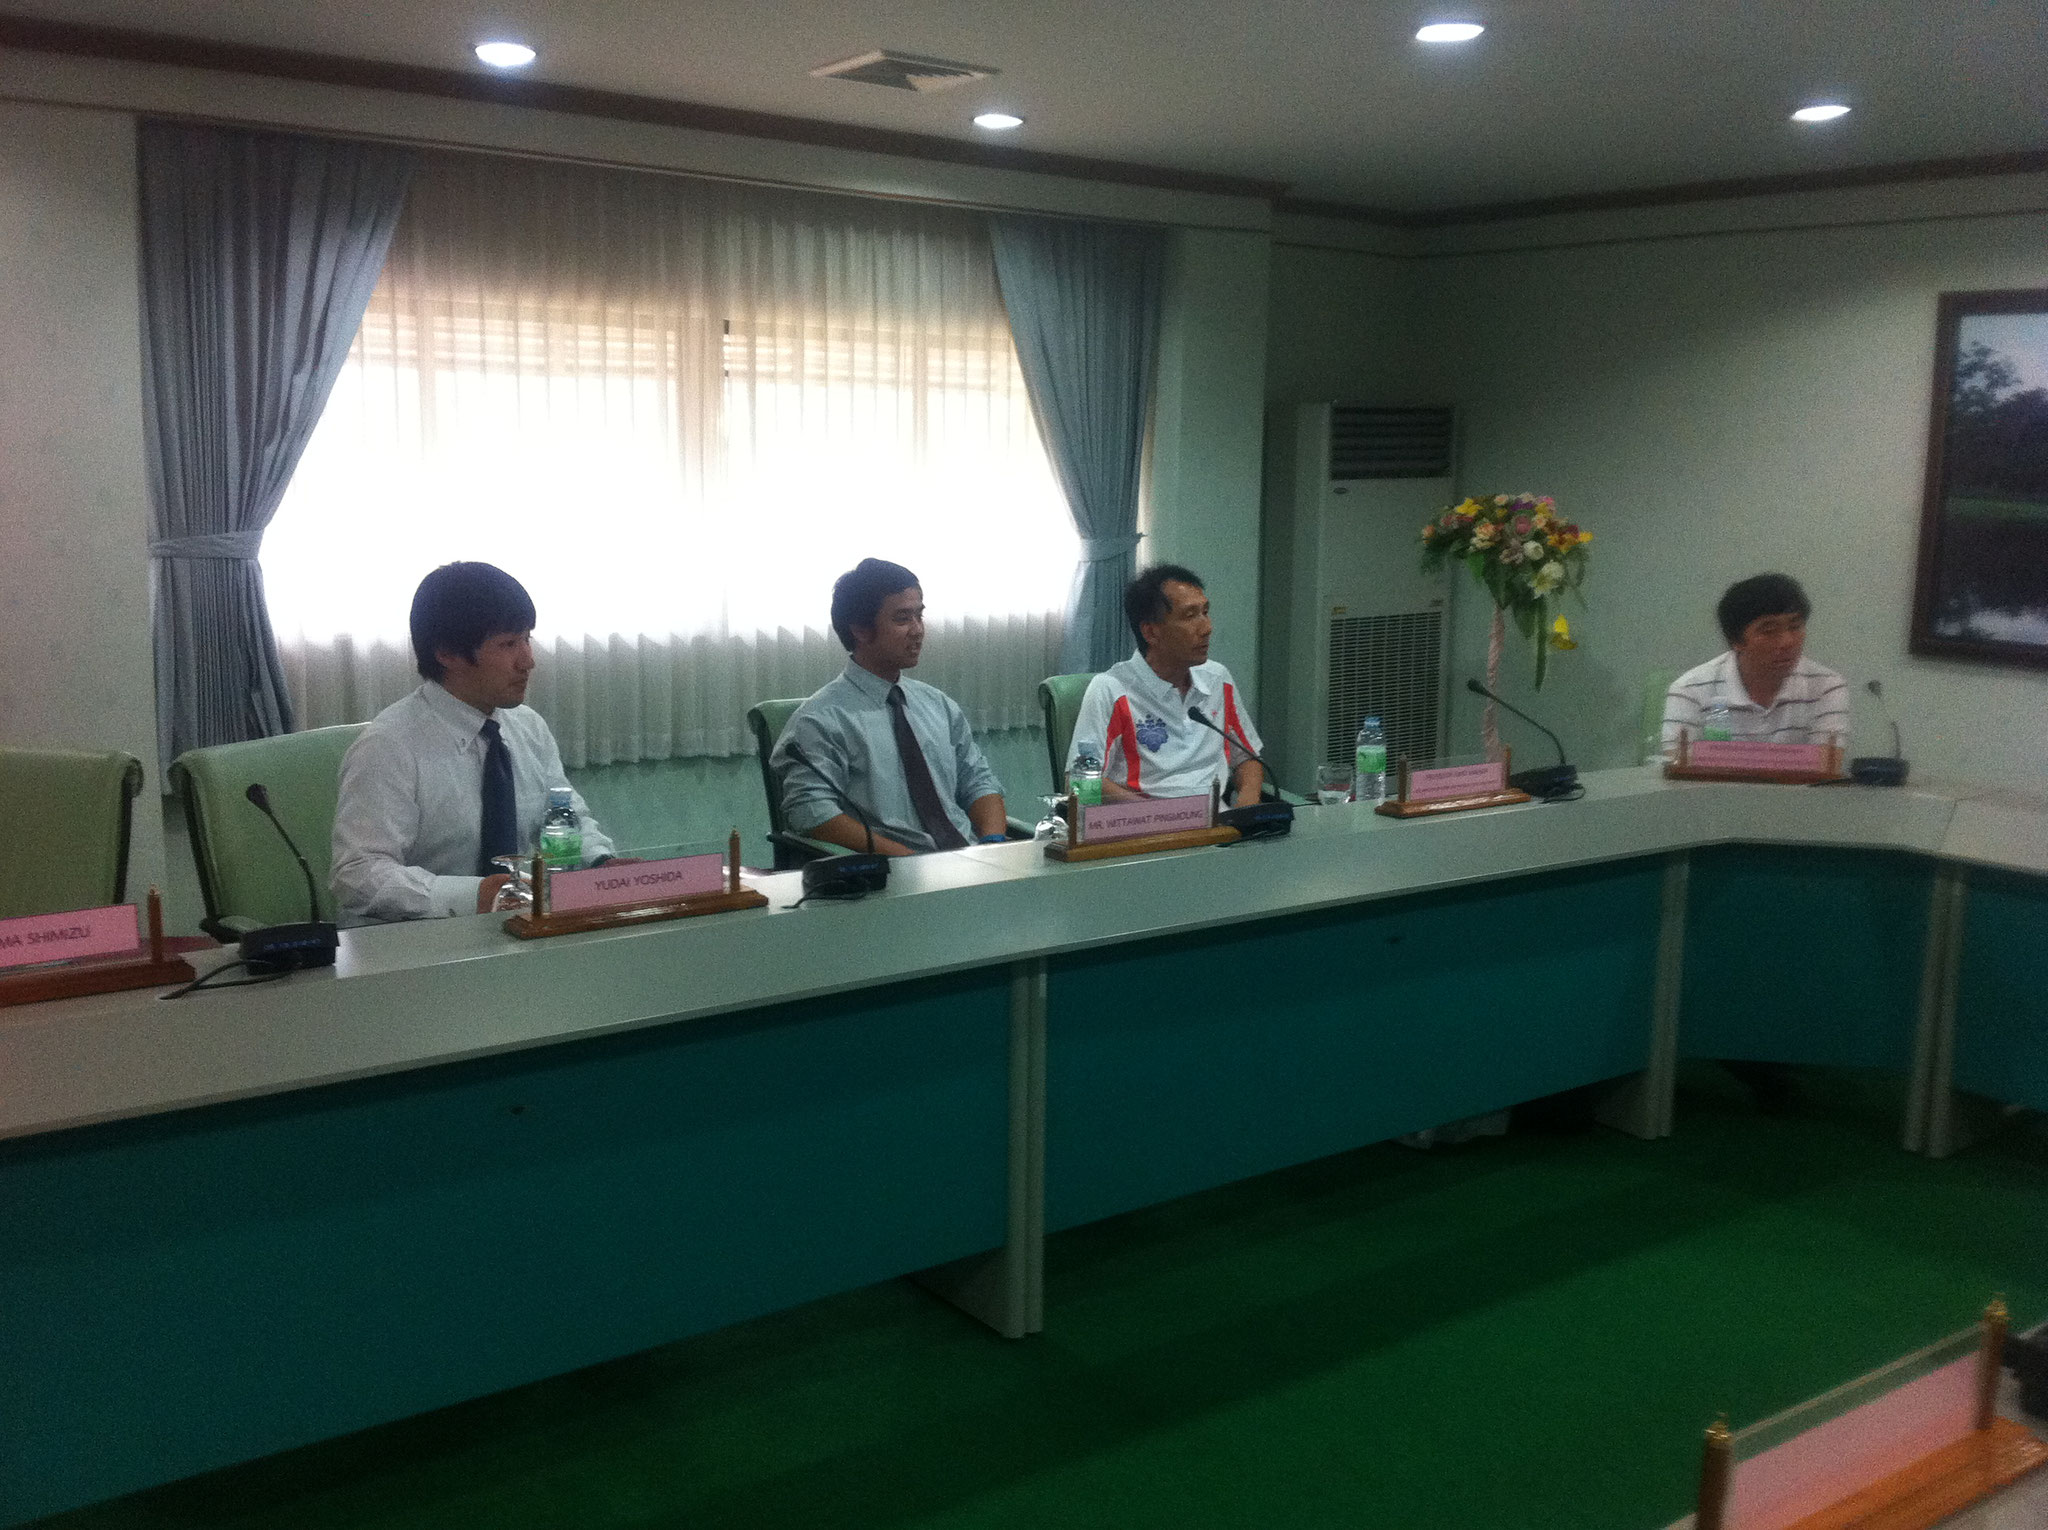 北タイのスポーツ事情について会談